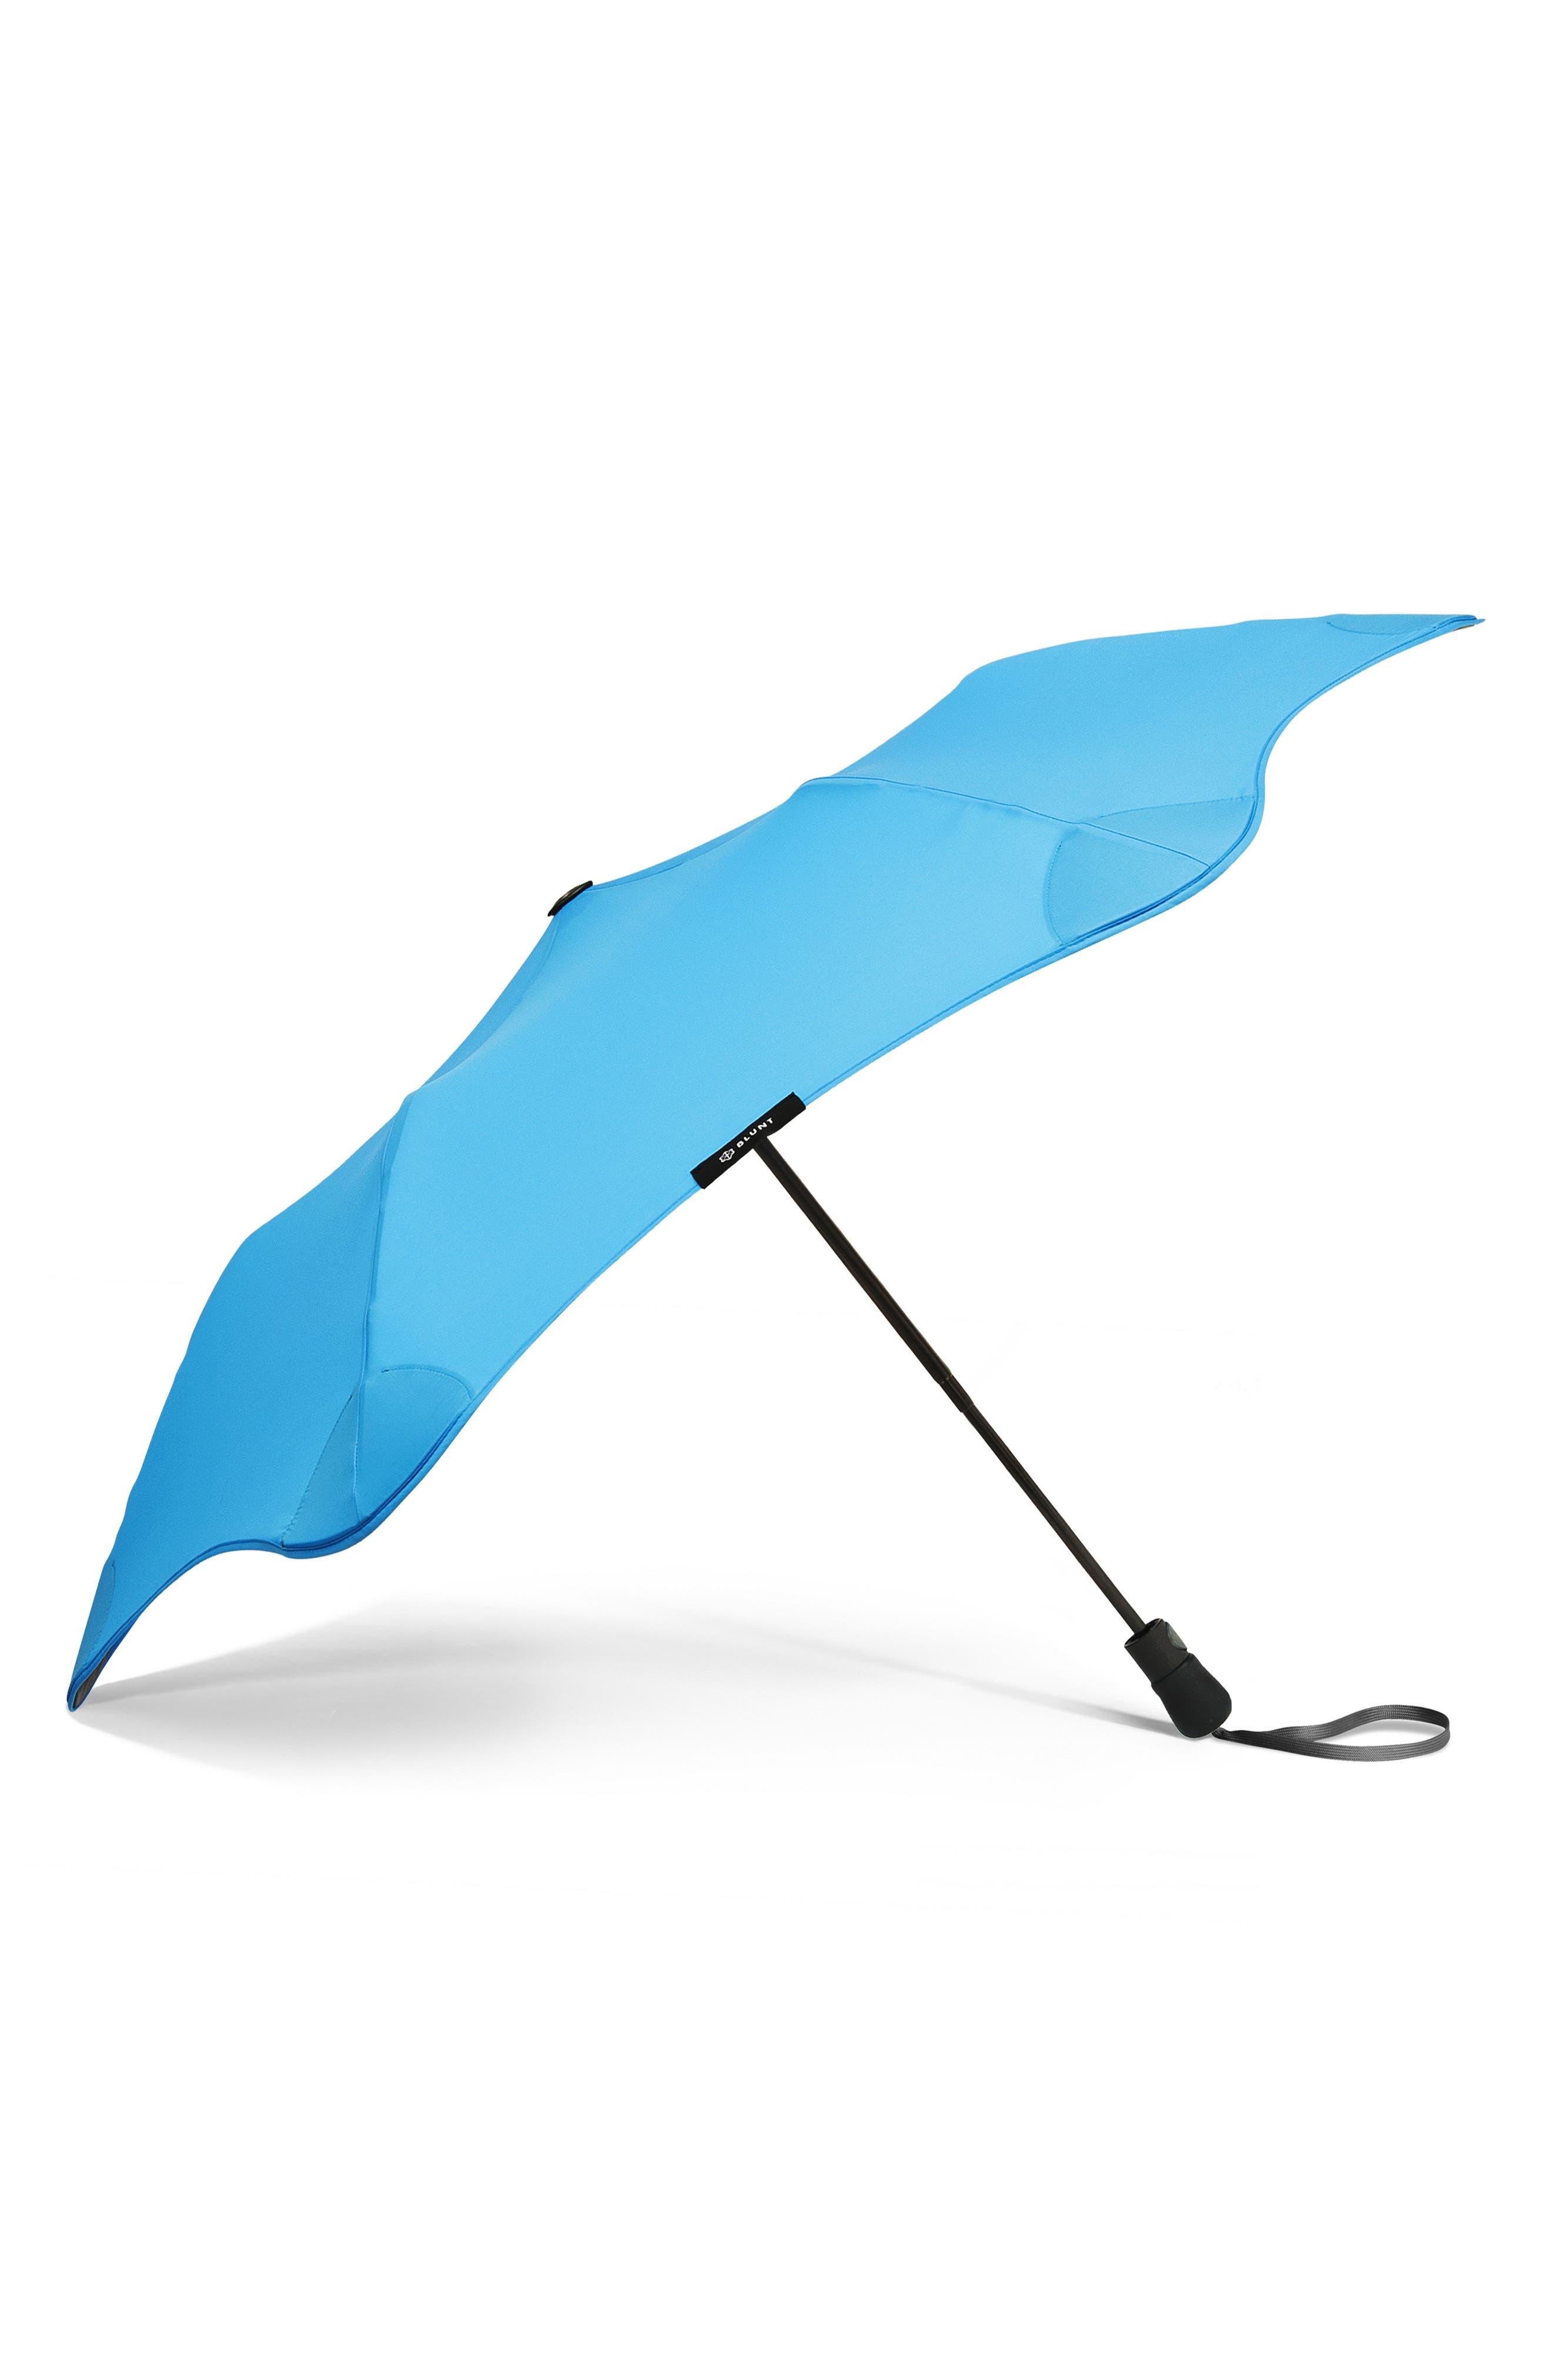 Metro Umbrella,                             Main thumbnail 1, color,                             AQUA BLUE